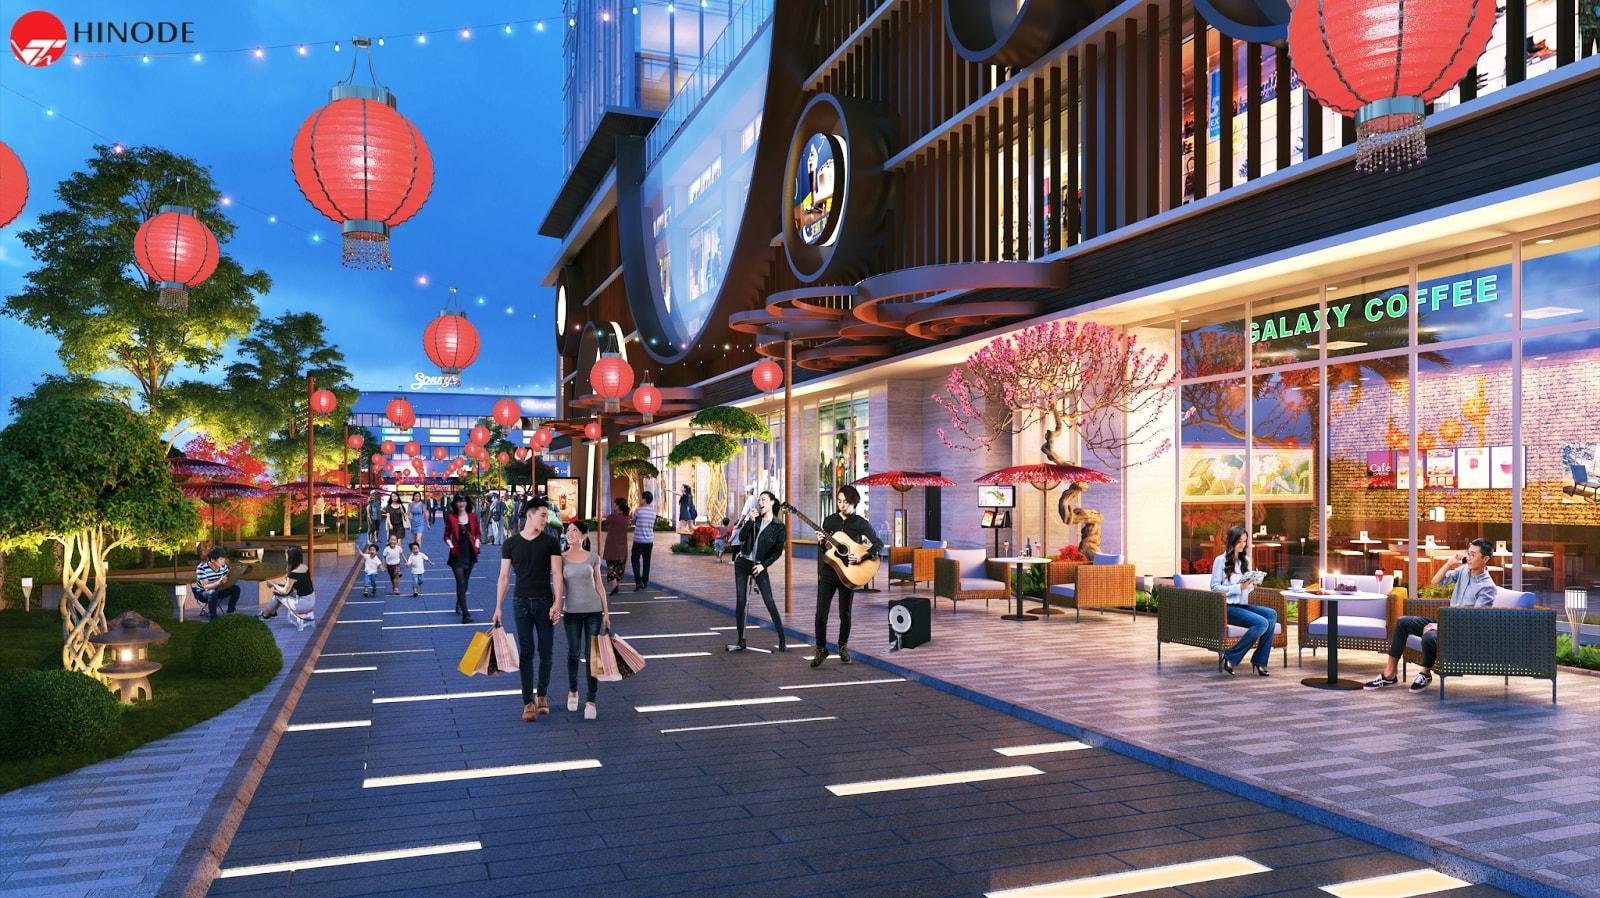 Không gian sống đậm chất của người Nhật ngay tại Hinode City